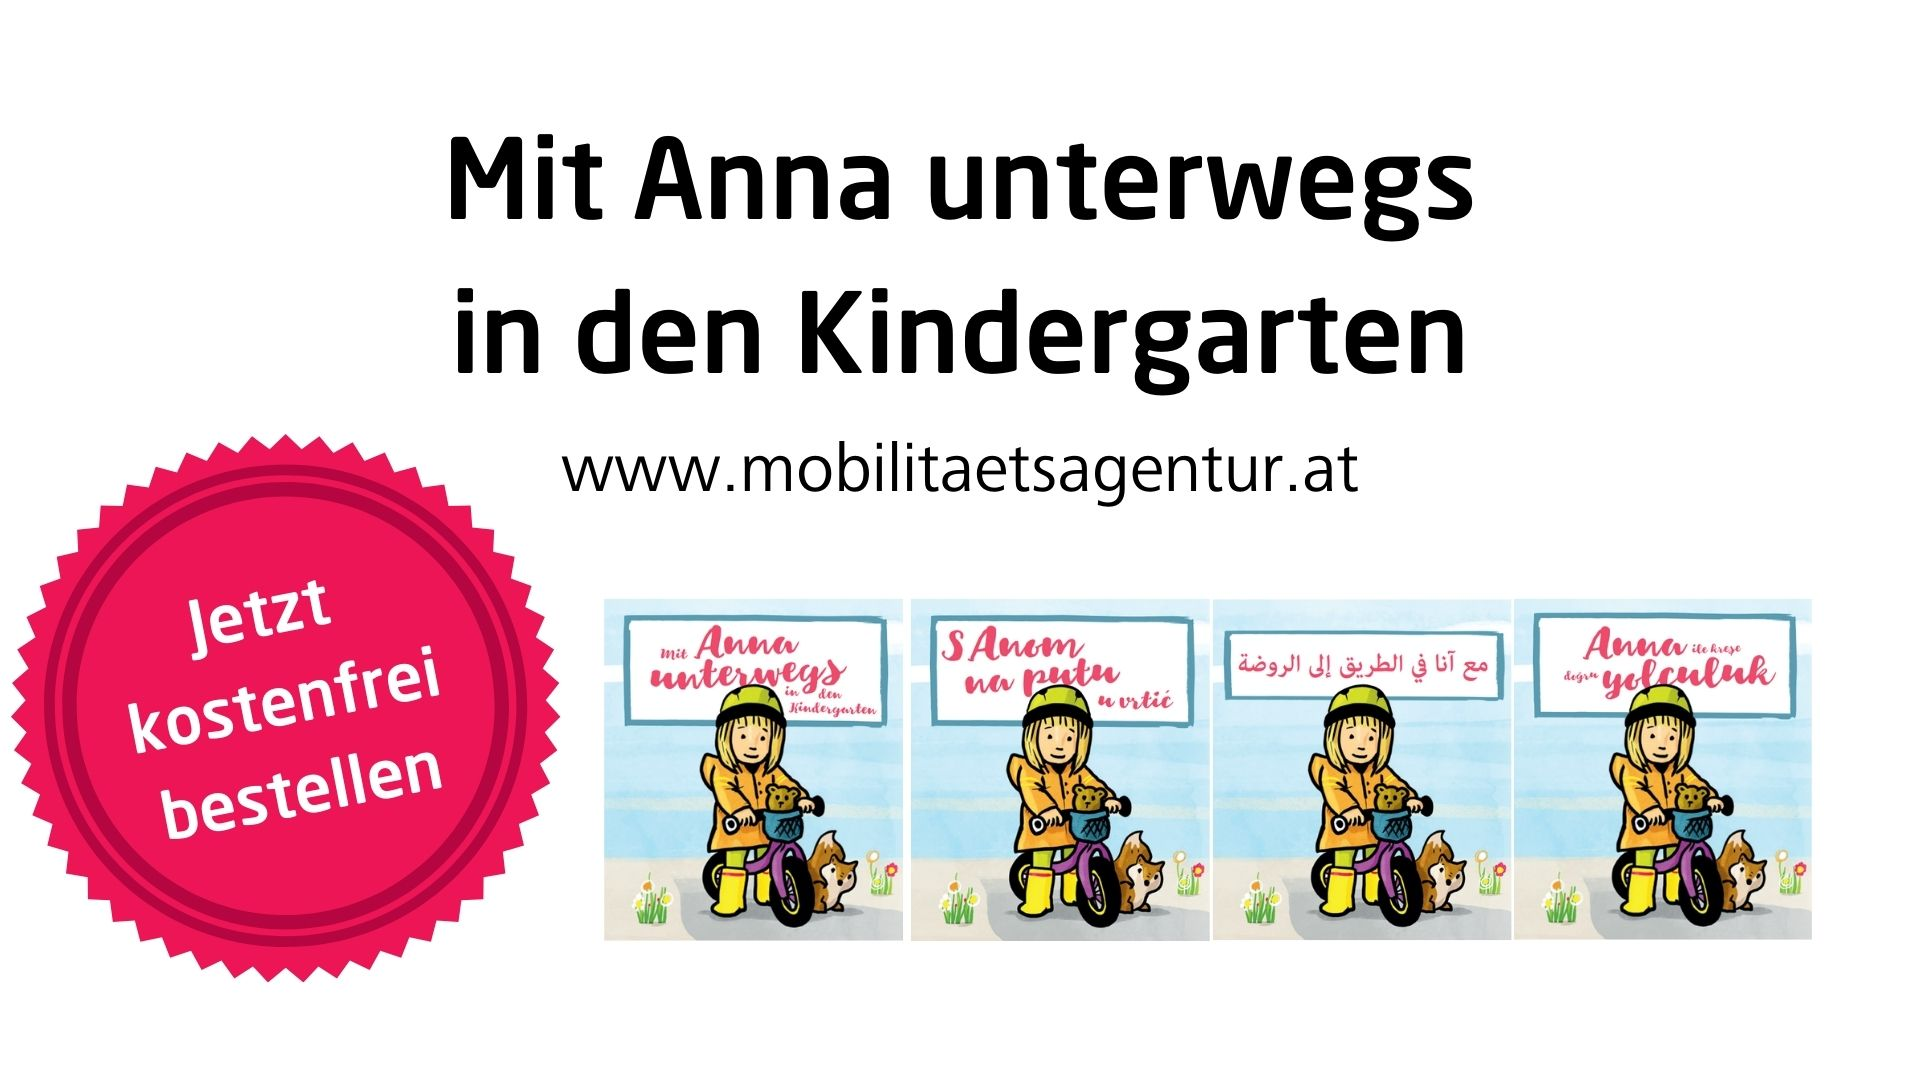 """""""Mit Anna unterwegs in den Kindergarten"""" Teaserbild zeigt Cover in vier Sprachen"""